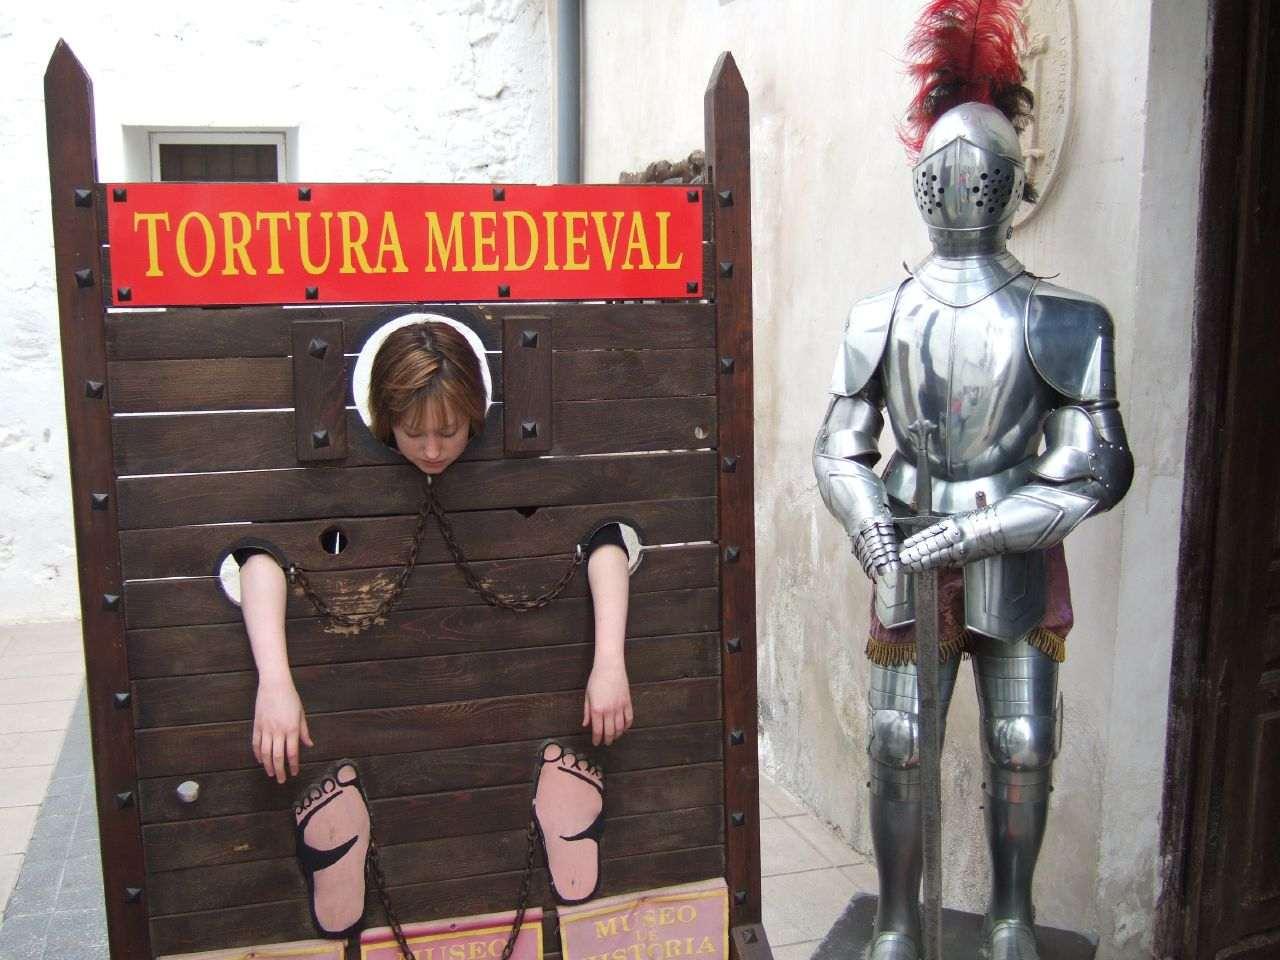 Museum of Torture – Inquisicion, Santillana del Mar, Spain